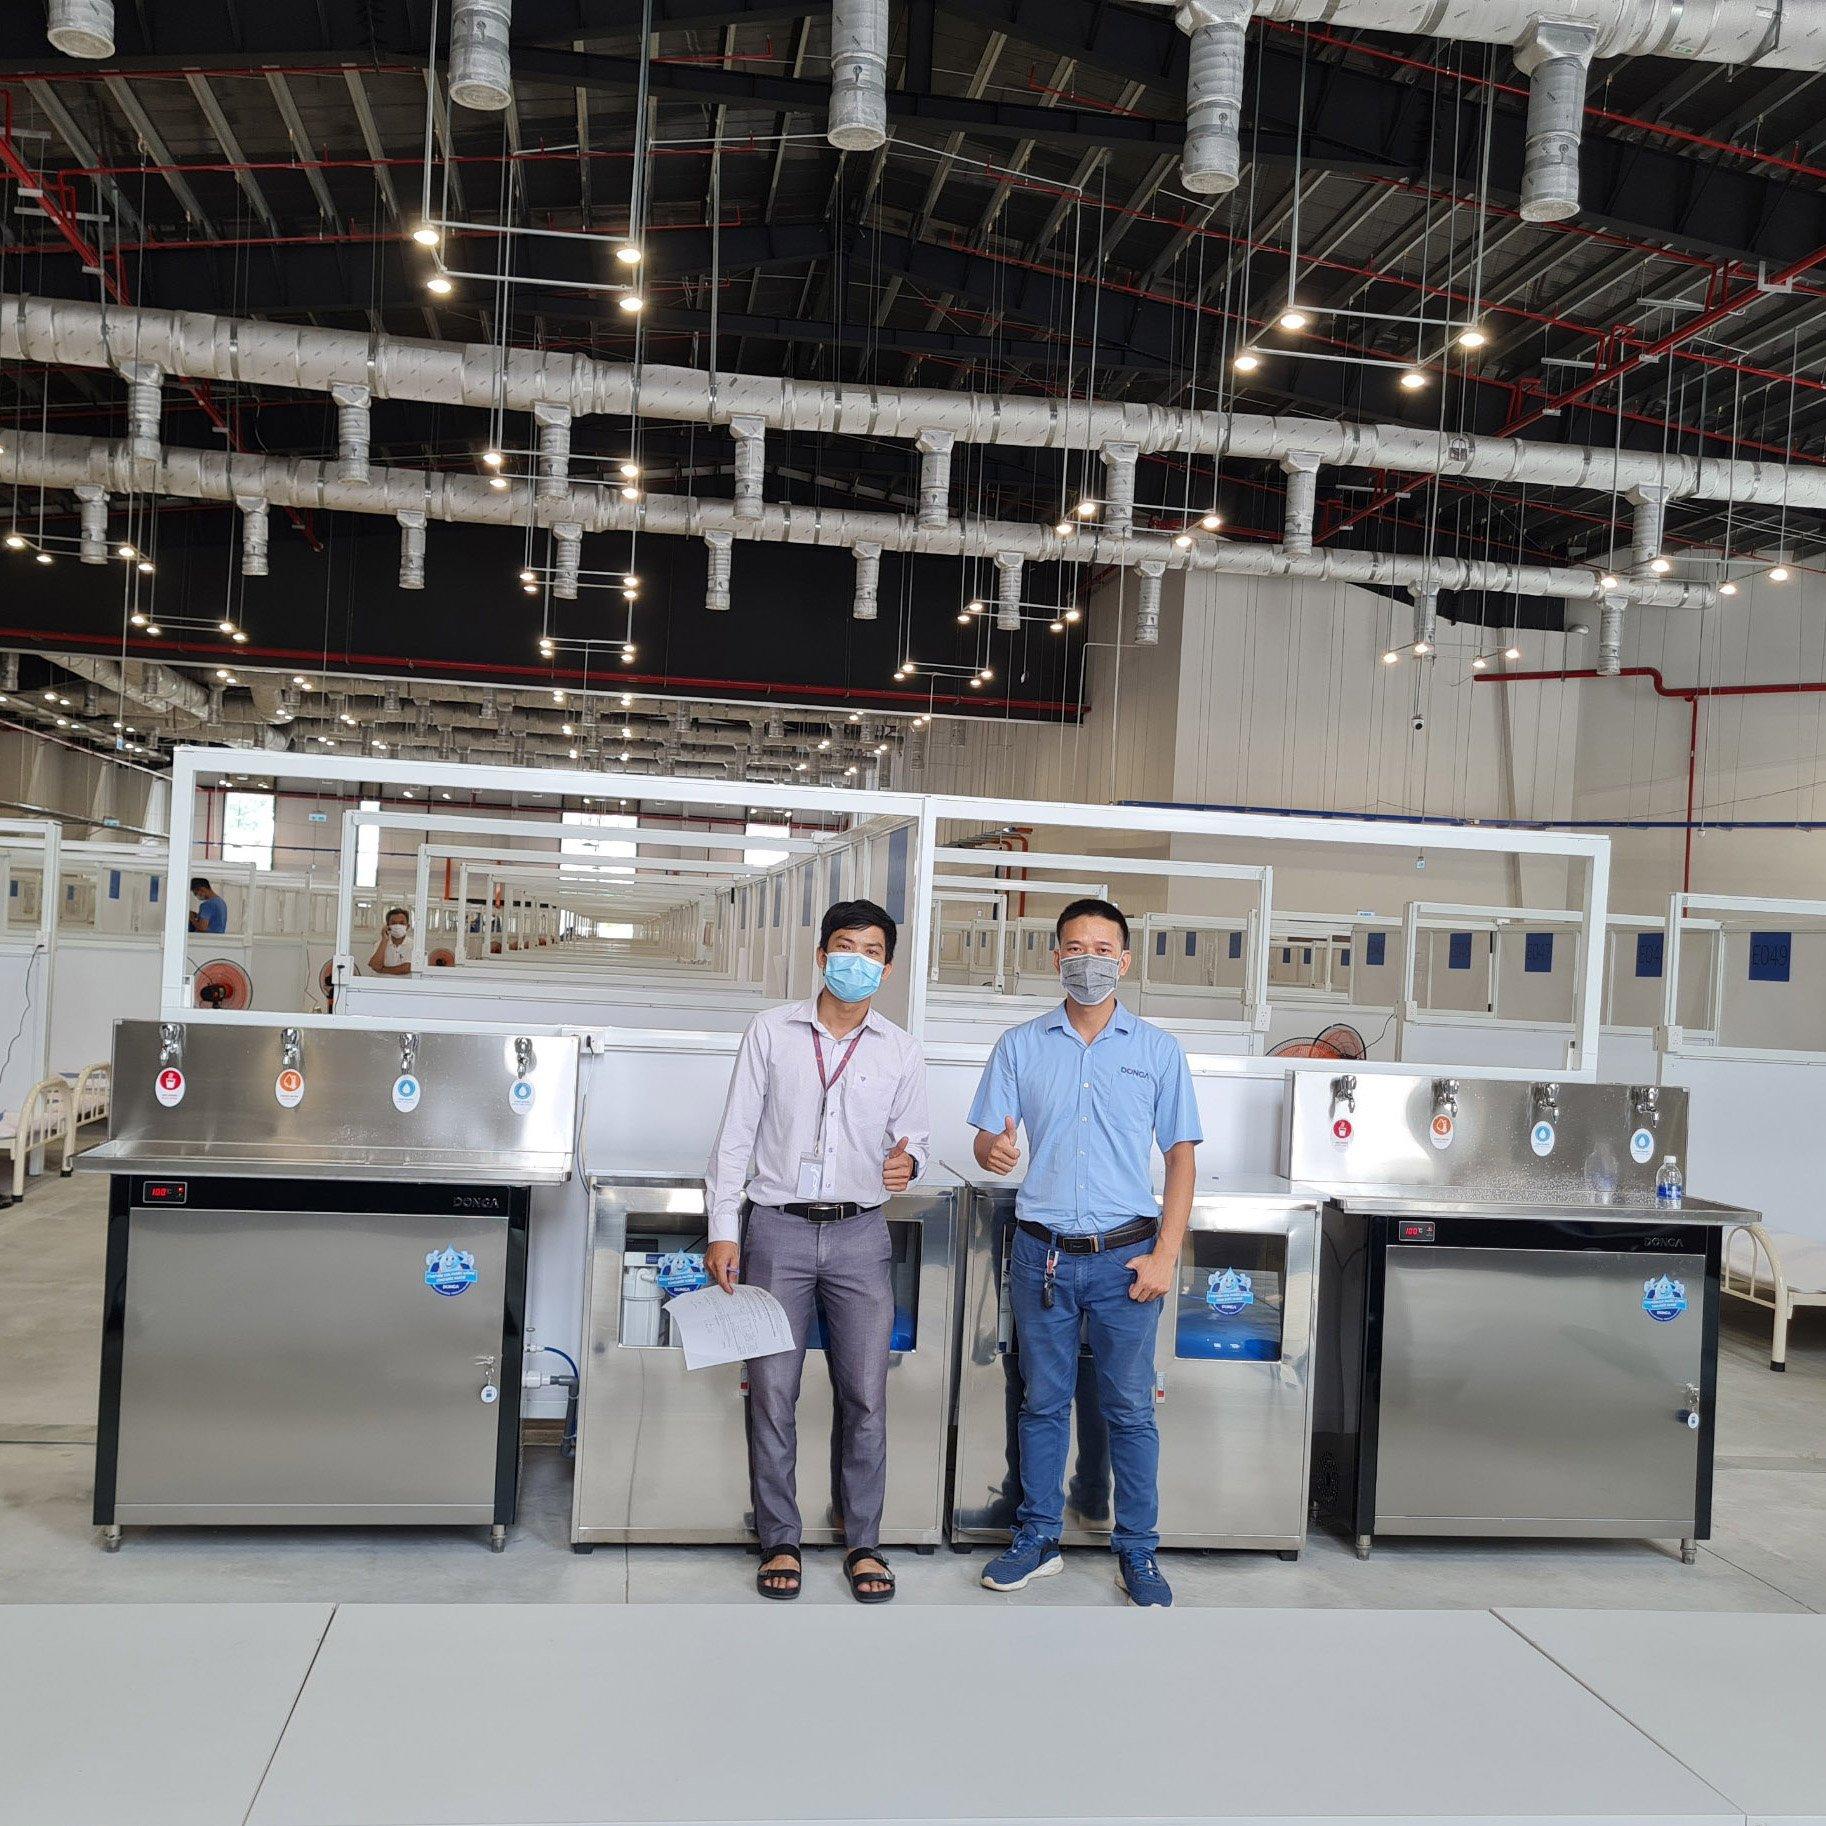 Bàn giao lắp đặt máy lọc nước uống cho bệnh viện dã chiến quy mô 1.500 giường tỉnh Bình Dương